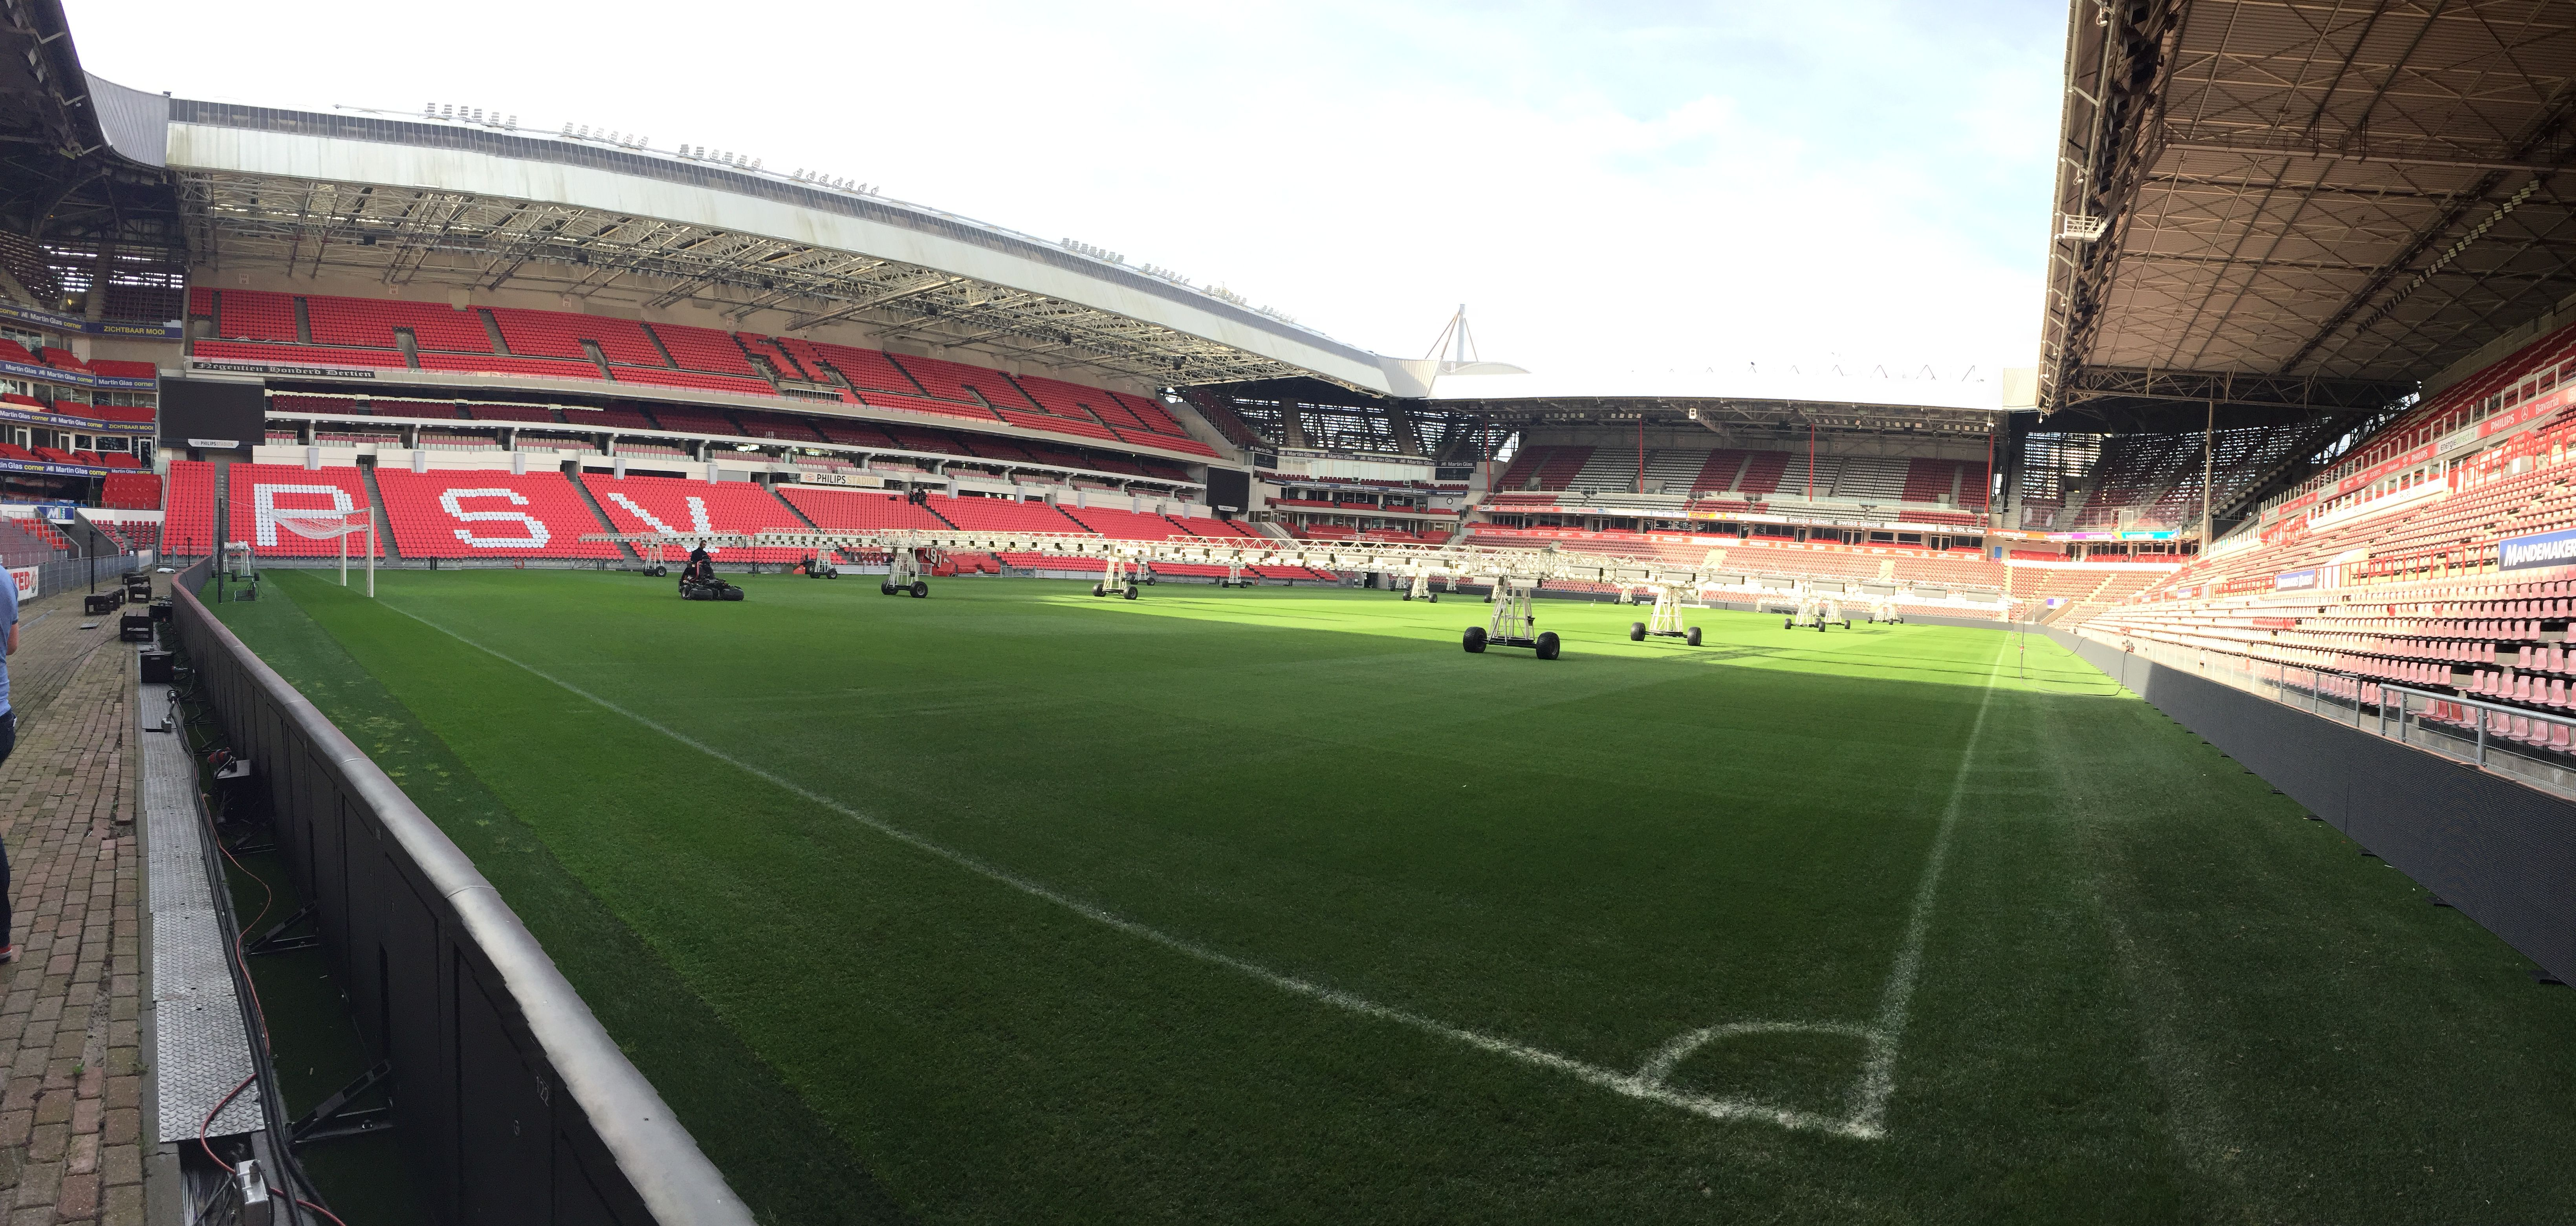 Pitch View Philips Stadion Rotterdam Eindhoven Dusseldorf